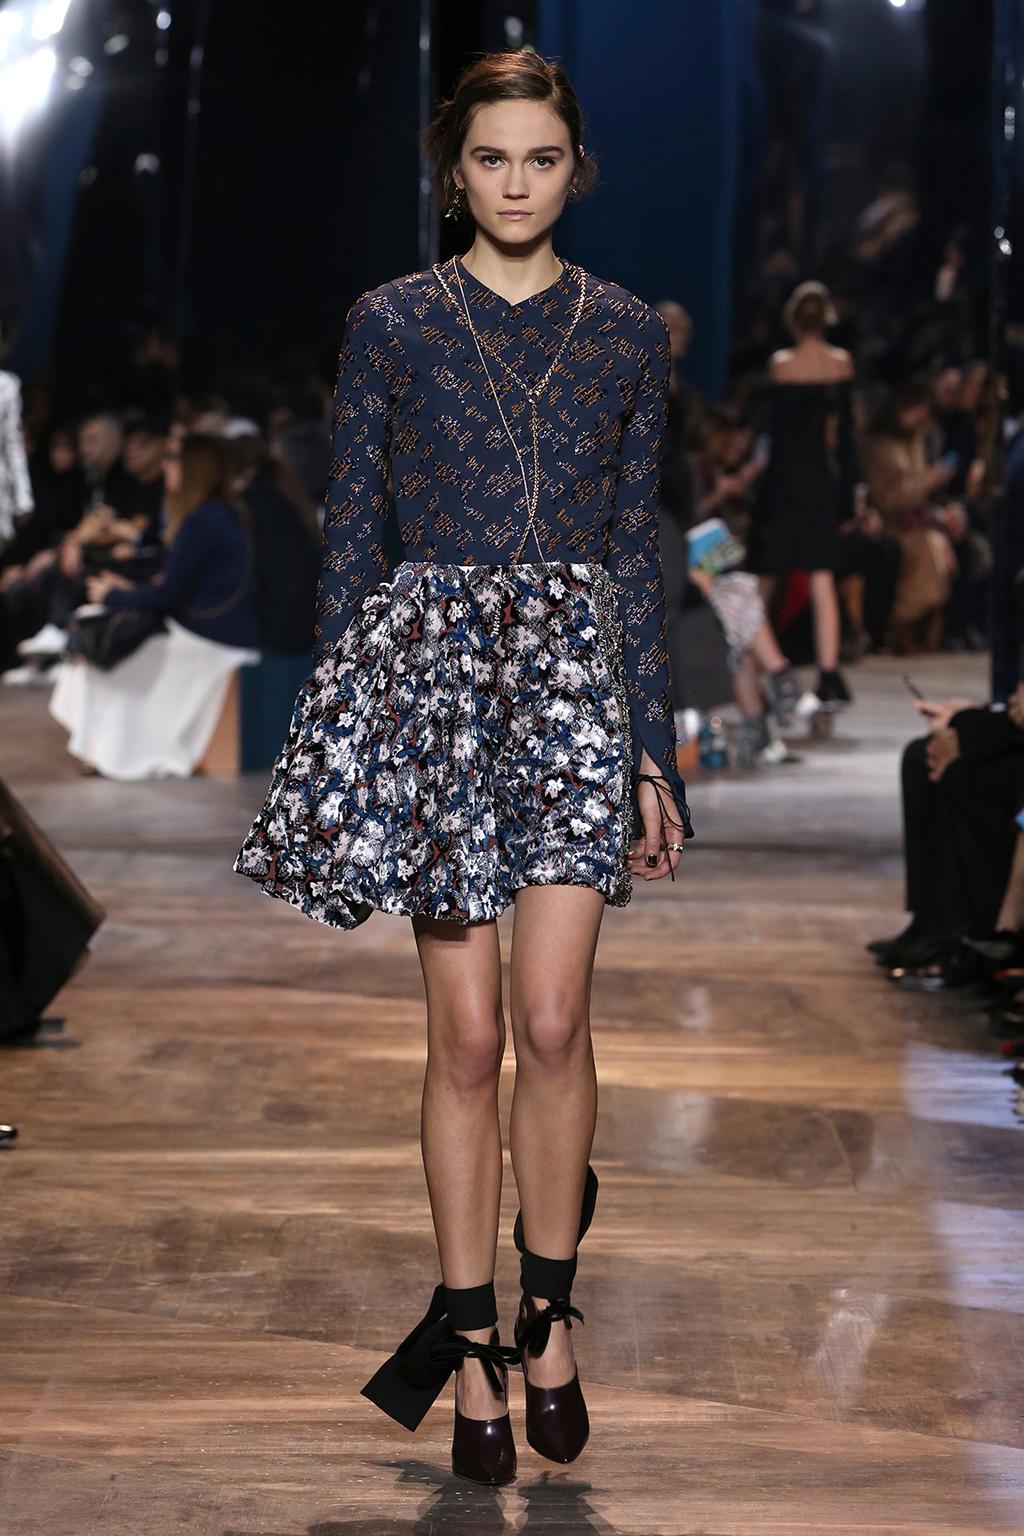 Dior-Couture-Silhouette-04